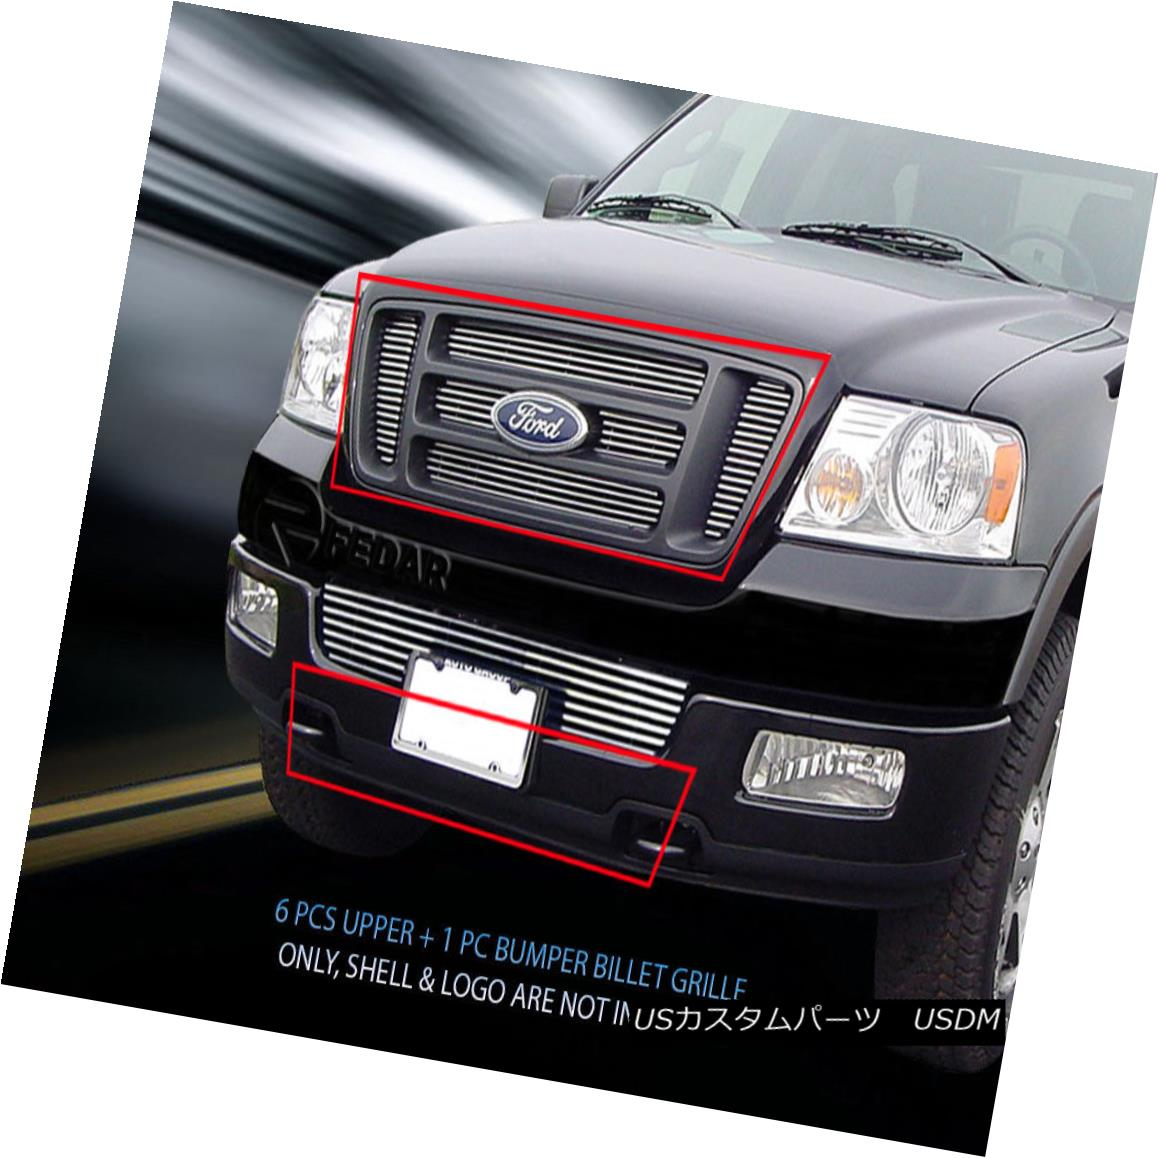 グリル Fedar Fits 2004-2005 Ford F-150 Polished Overlay Billet Grille Combo Fedarは2004-2005年のFord F-150を磨いたオーバーレイビレットグリルコンボ